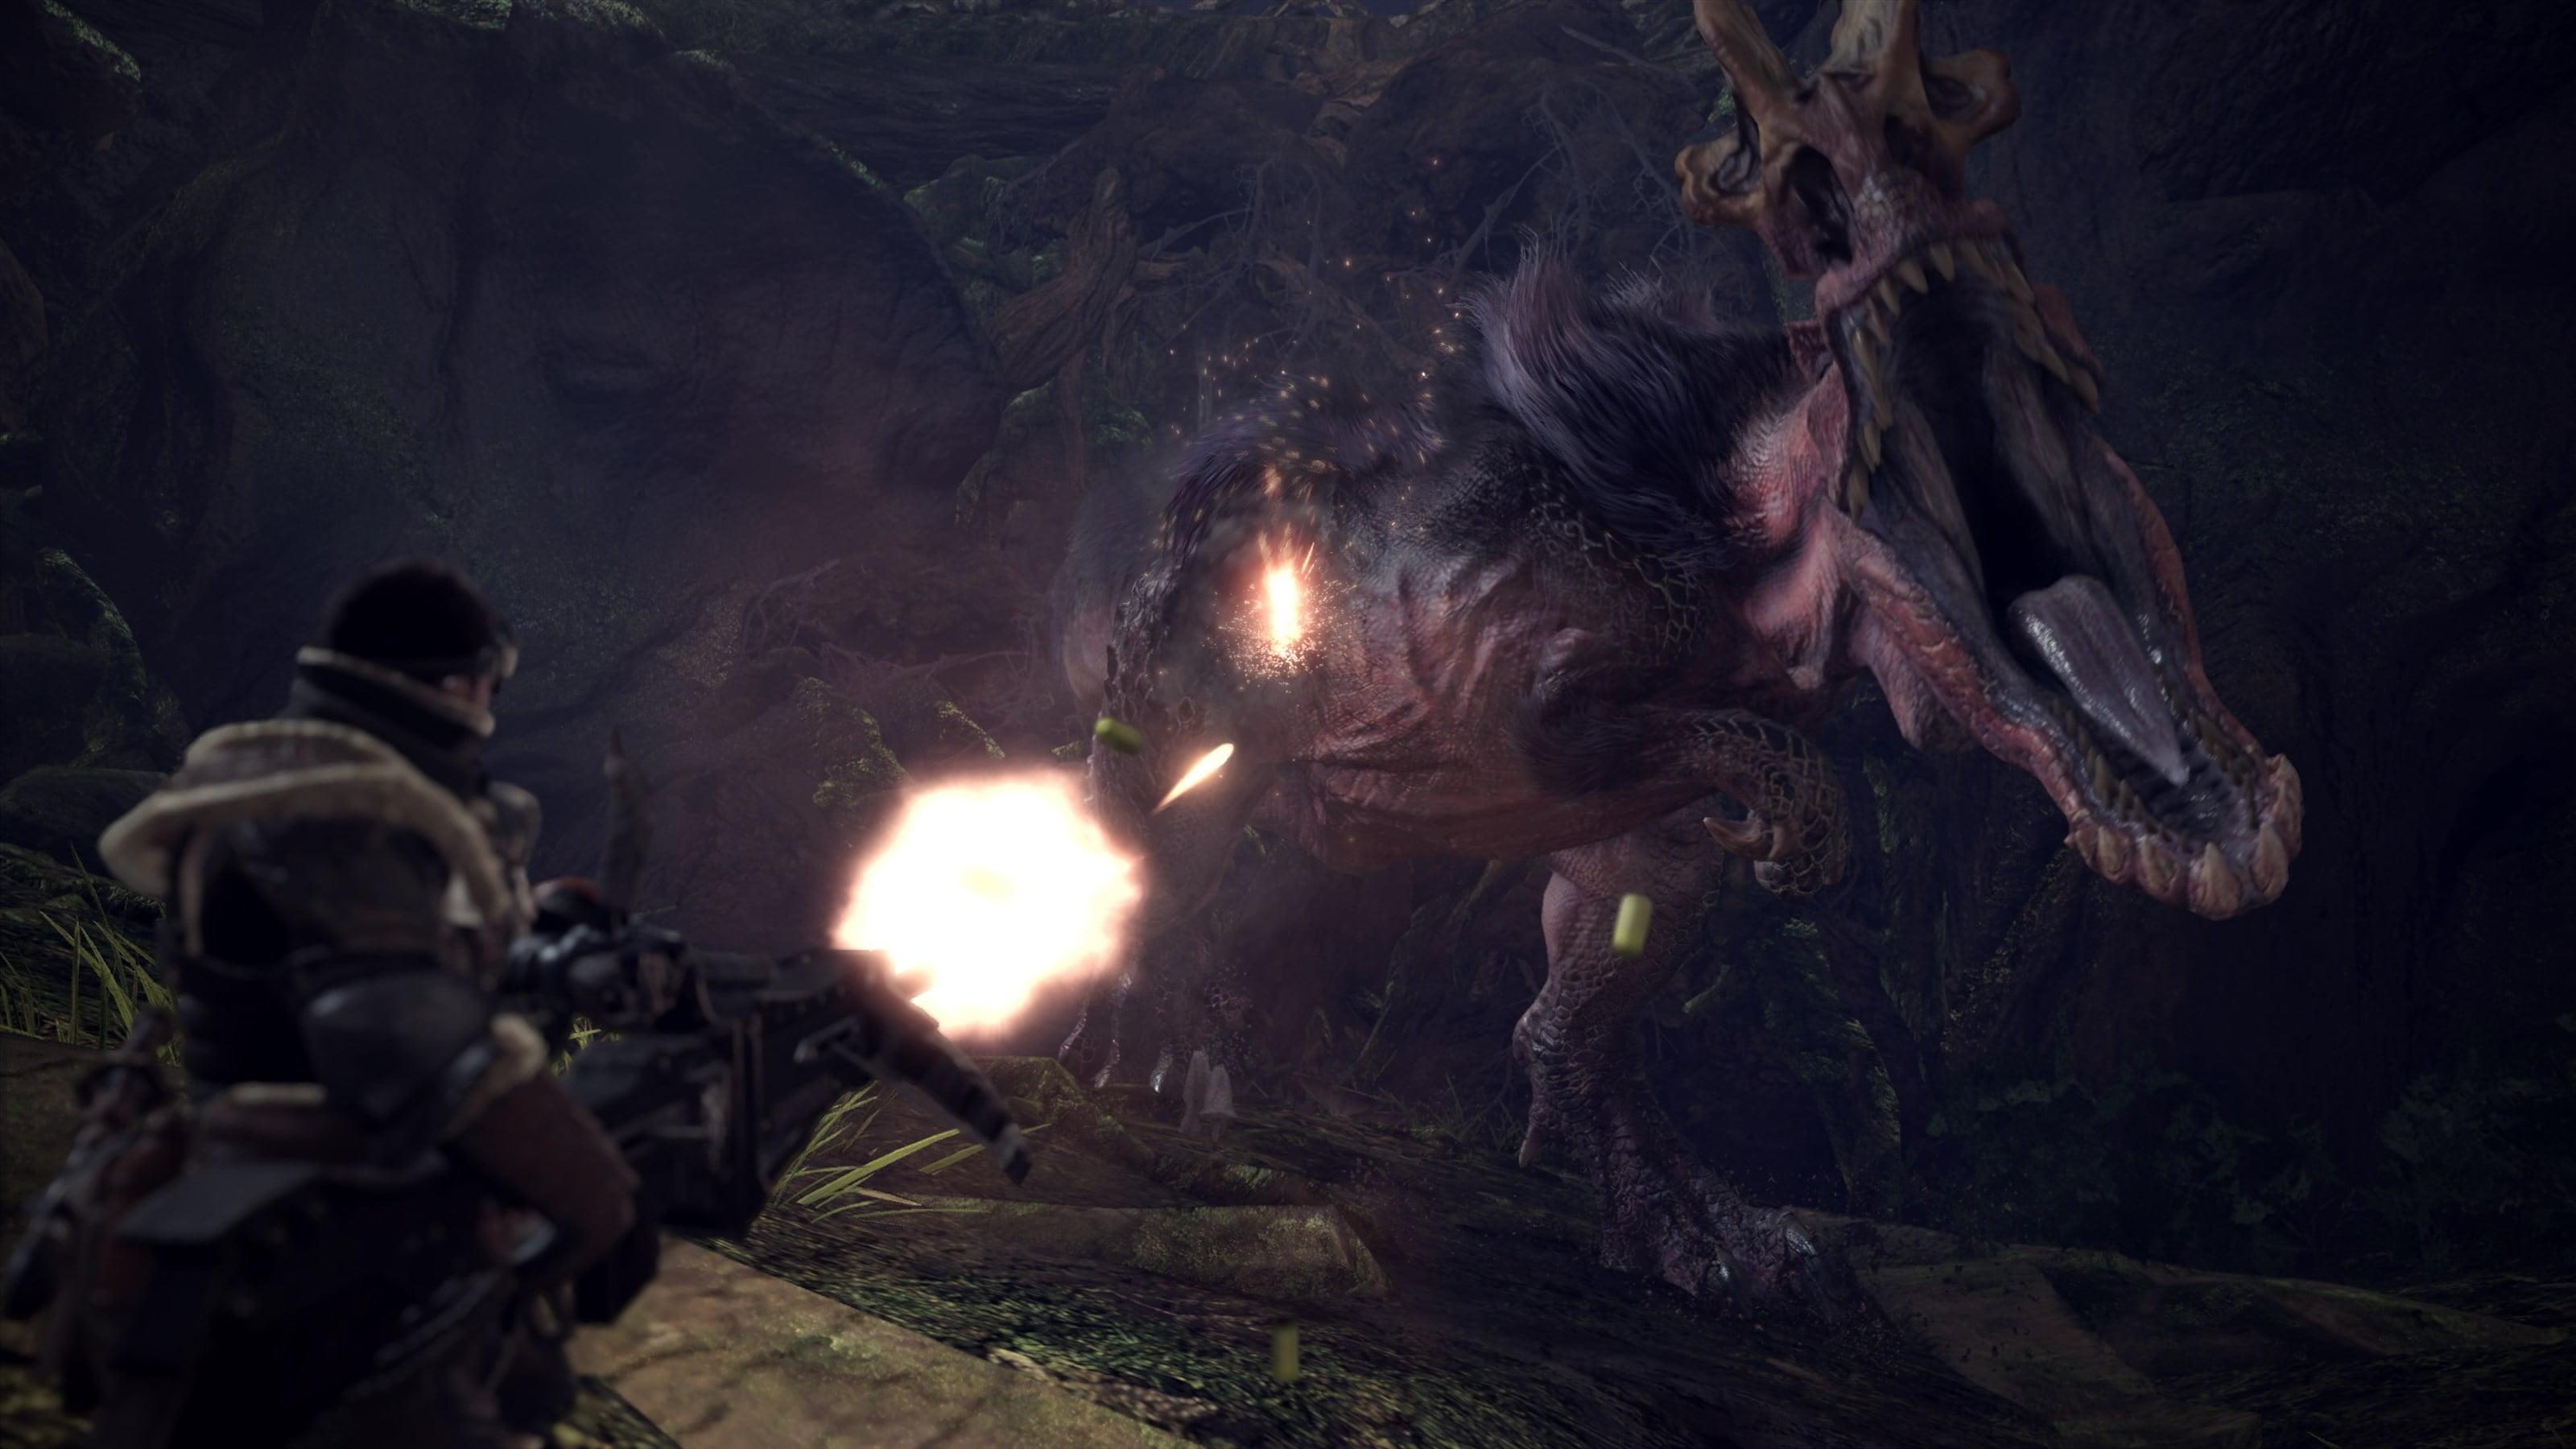 Capcom Monster Hunter World, Sony, PlayStation 4, 013388560424 - Walmart.com